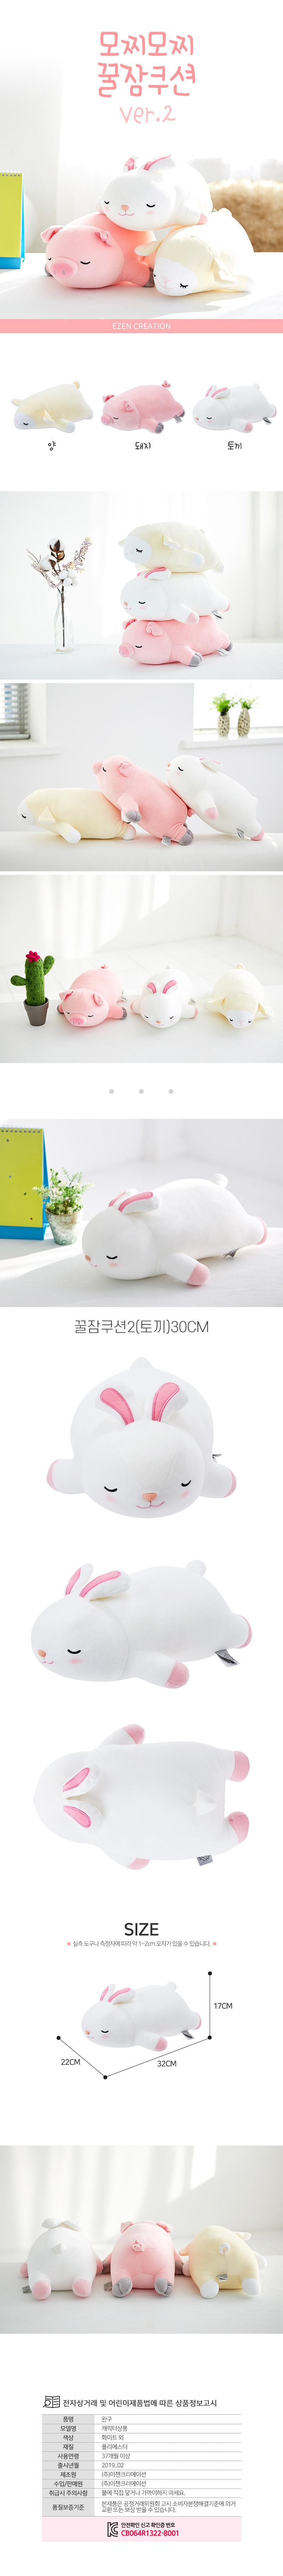 모찌모찌 꿀잠쿠션 Ver.2 토끼 동물인형 30CM - 이젠돌스, 14,000원, 애니멀인형, 기타 동물 인형